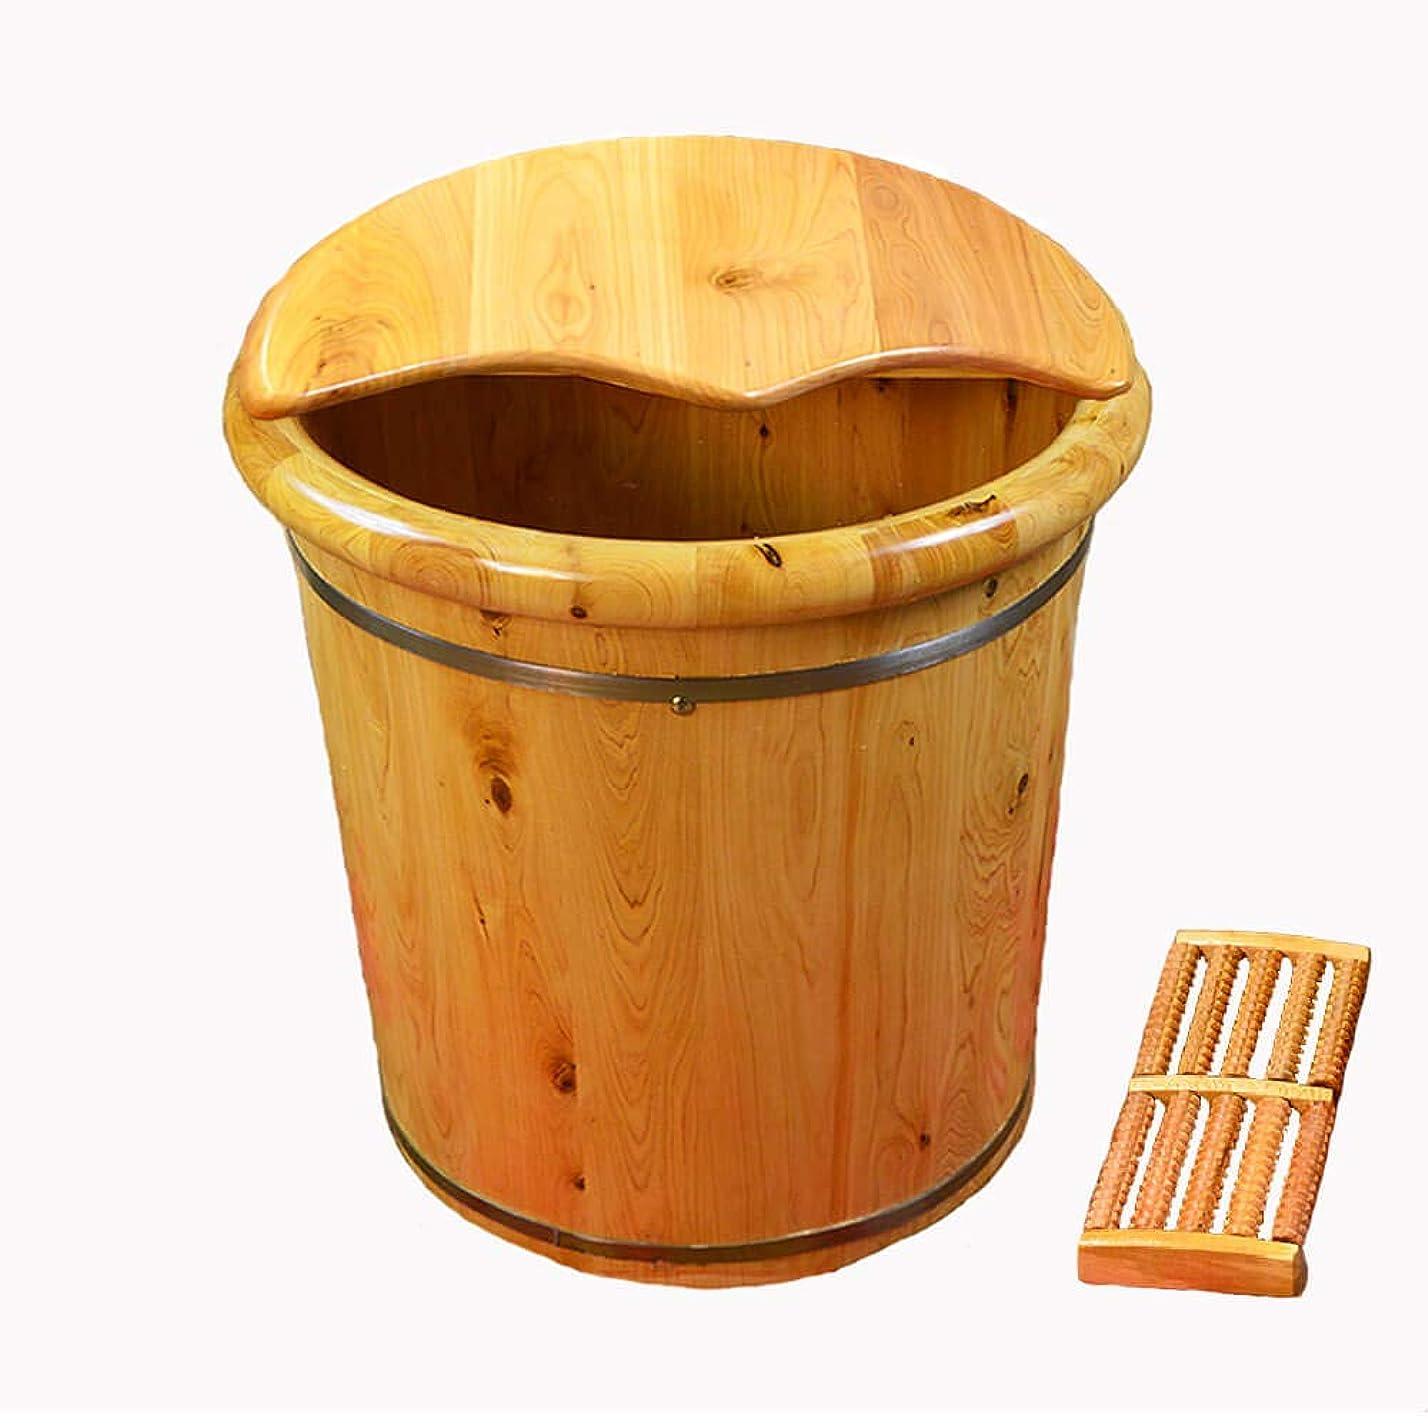 娯楽呪いプラグ足浴桶 足の浴槽、木製の足の盆地足のバレルの足の足のマッサージの足の盆カバーの足の桶